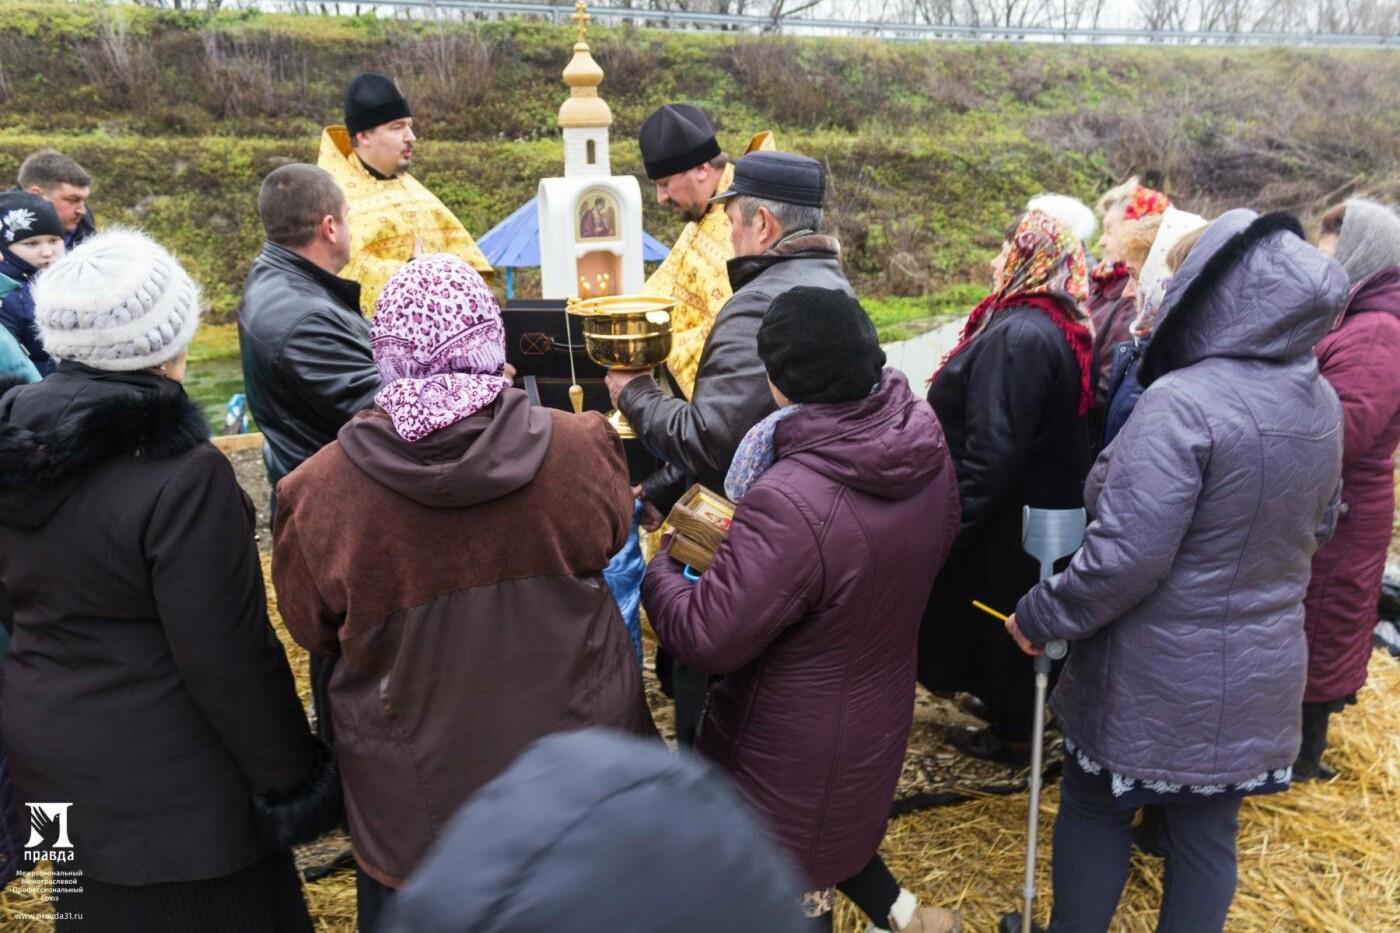 Белгородская митрополия и профсоюз «Правда» начали взаимодействие в сфере укрепления православных традиций на Белгородчине, фото-17